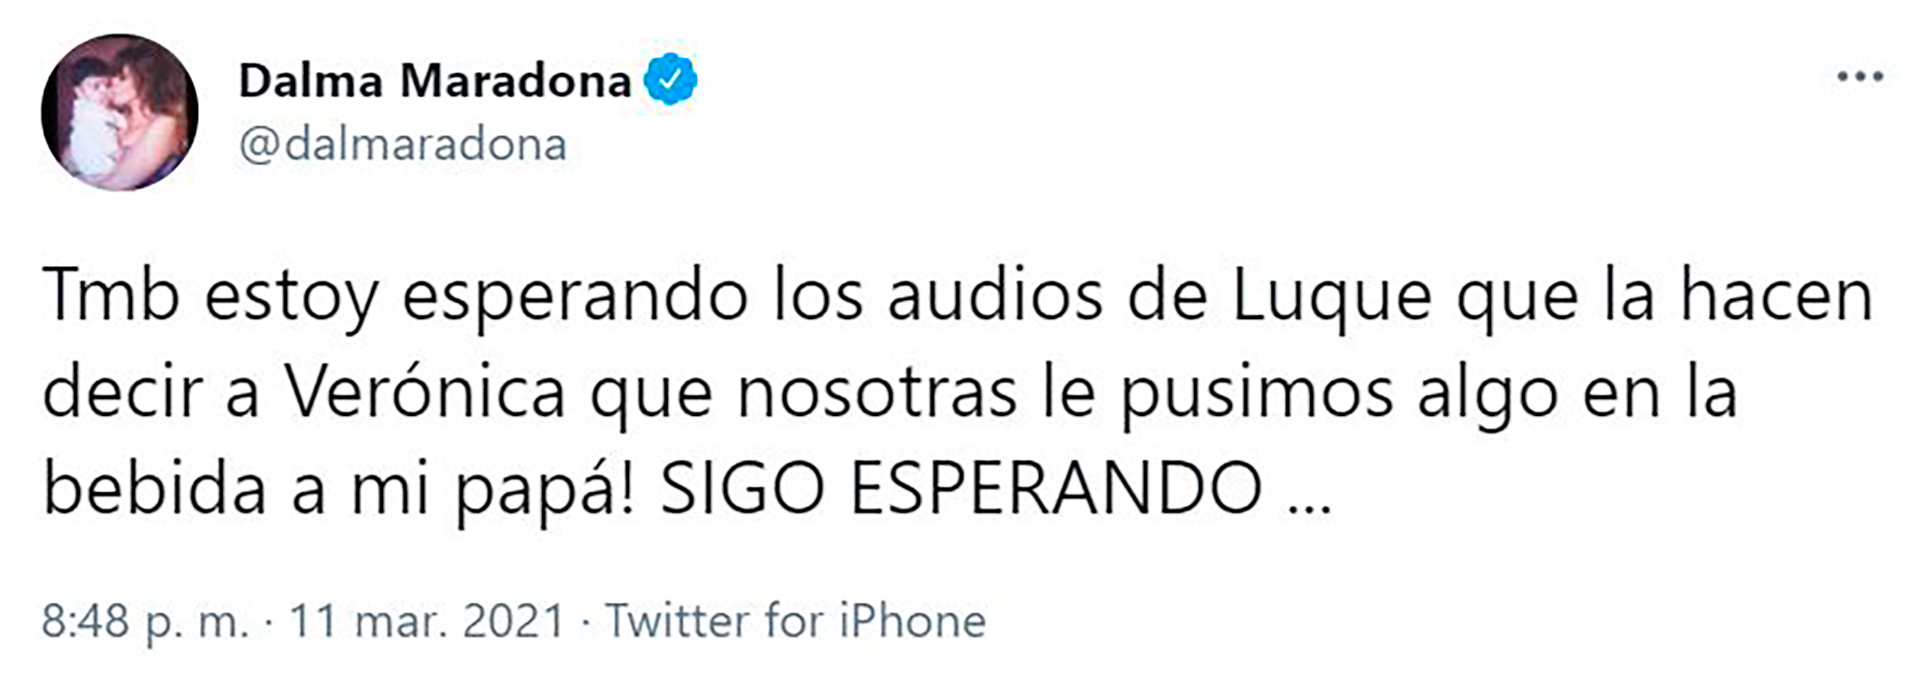 El segundo tweet de Dalma Maradona contra Verónica Ojeda y Leopoldo Luque (Foto: Twitter @dalmaradona)